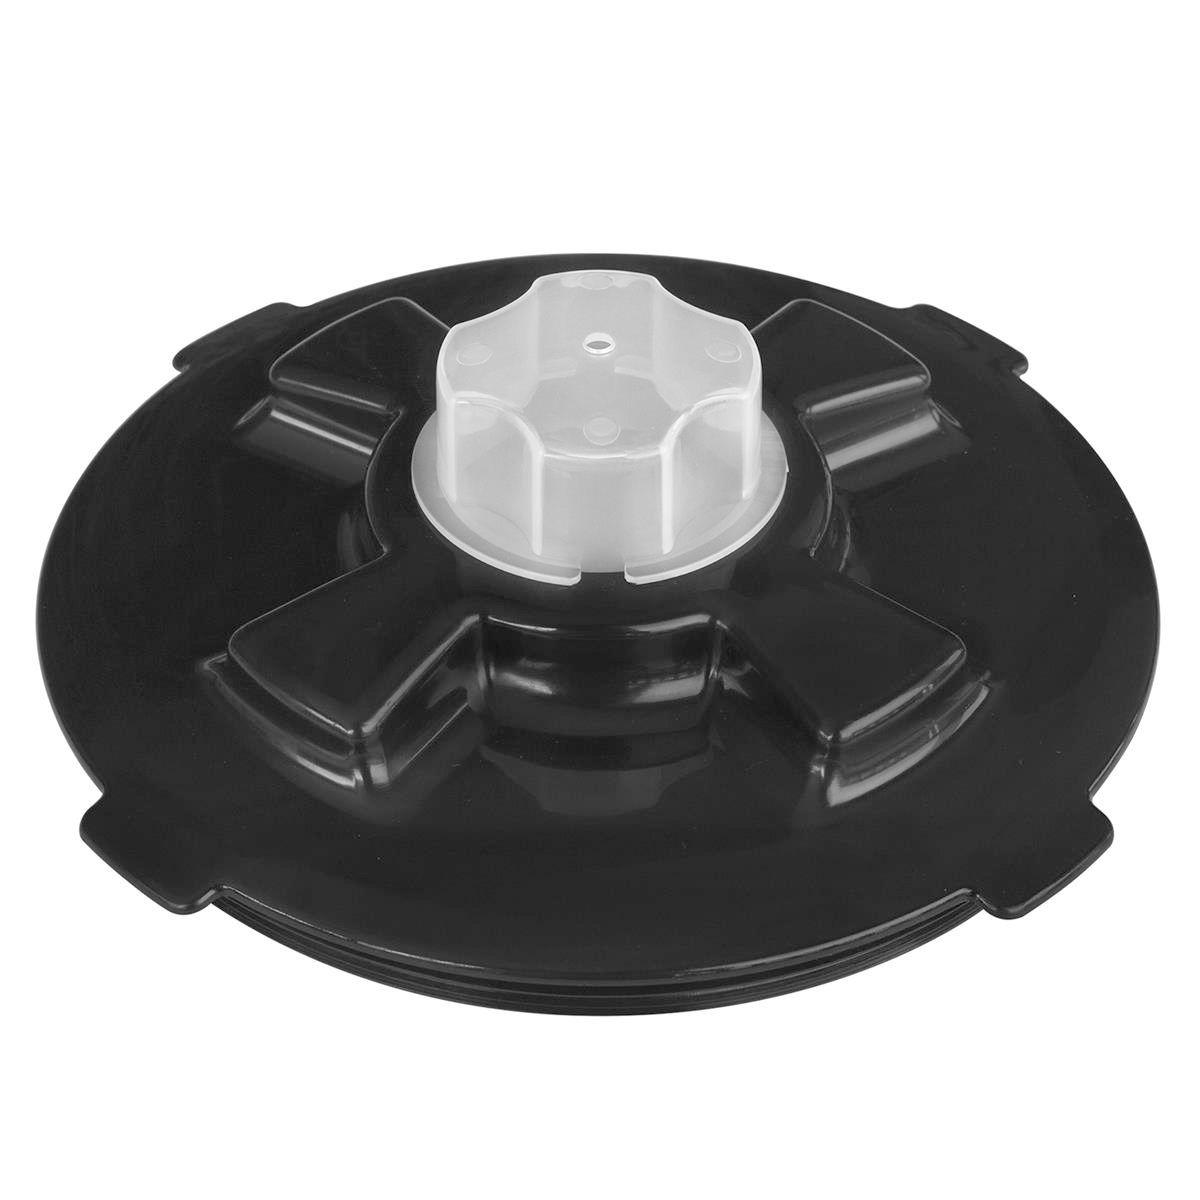 Liquidificador Industrial Spolu Attak 6 Litros Inox Baixa Rotação 220v